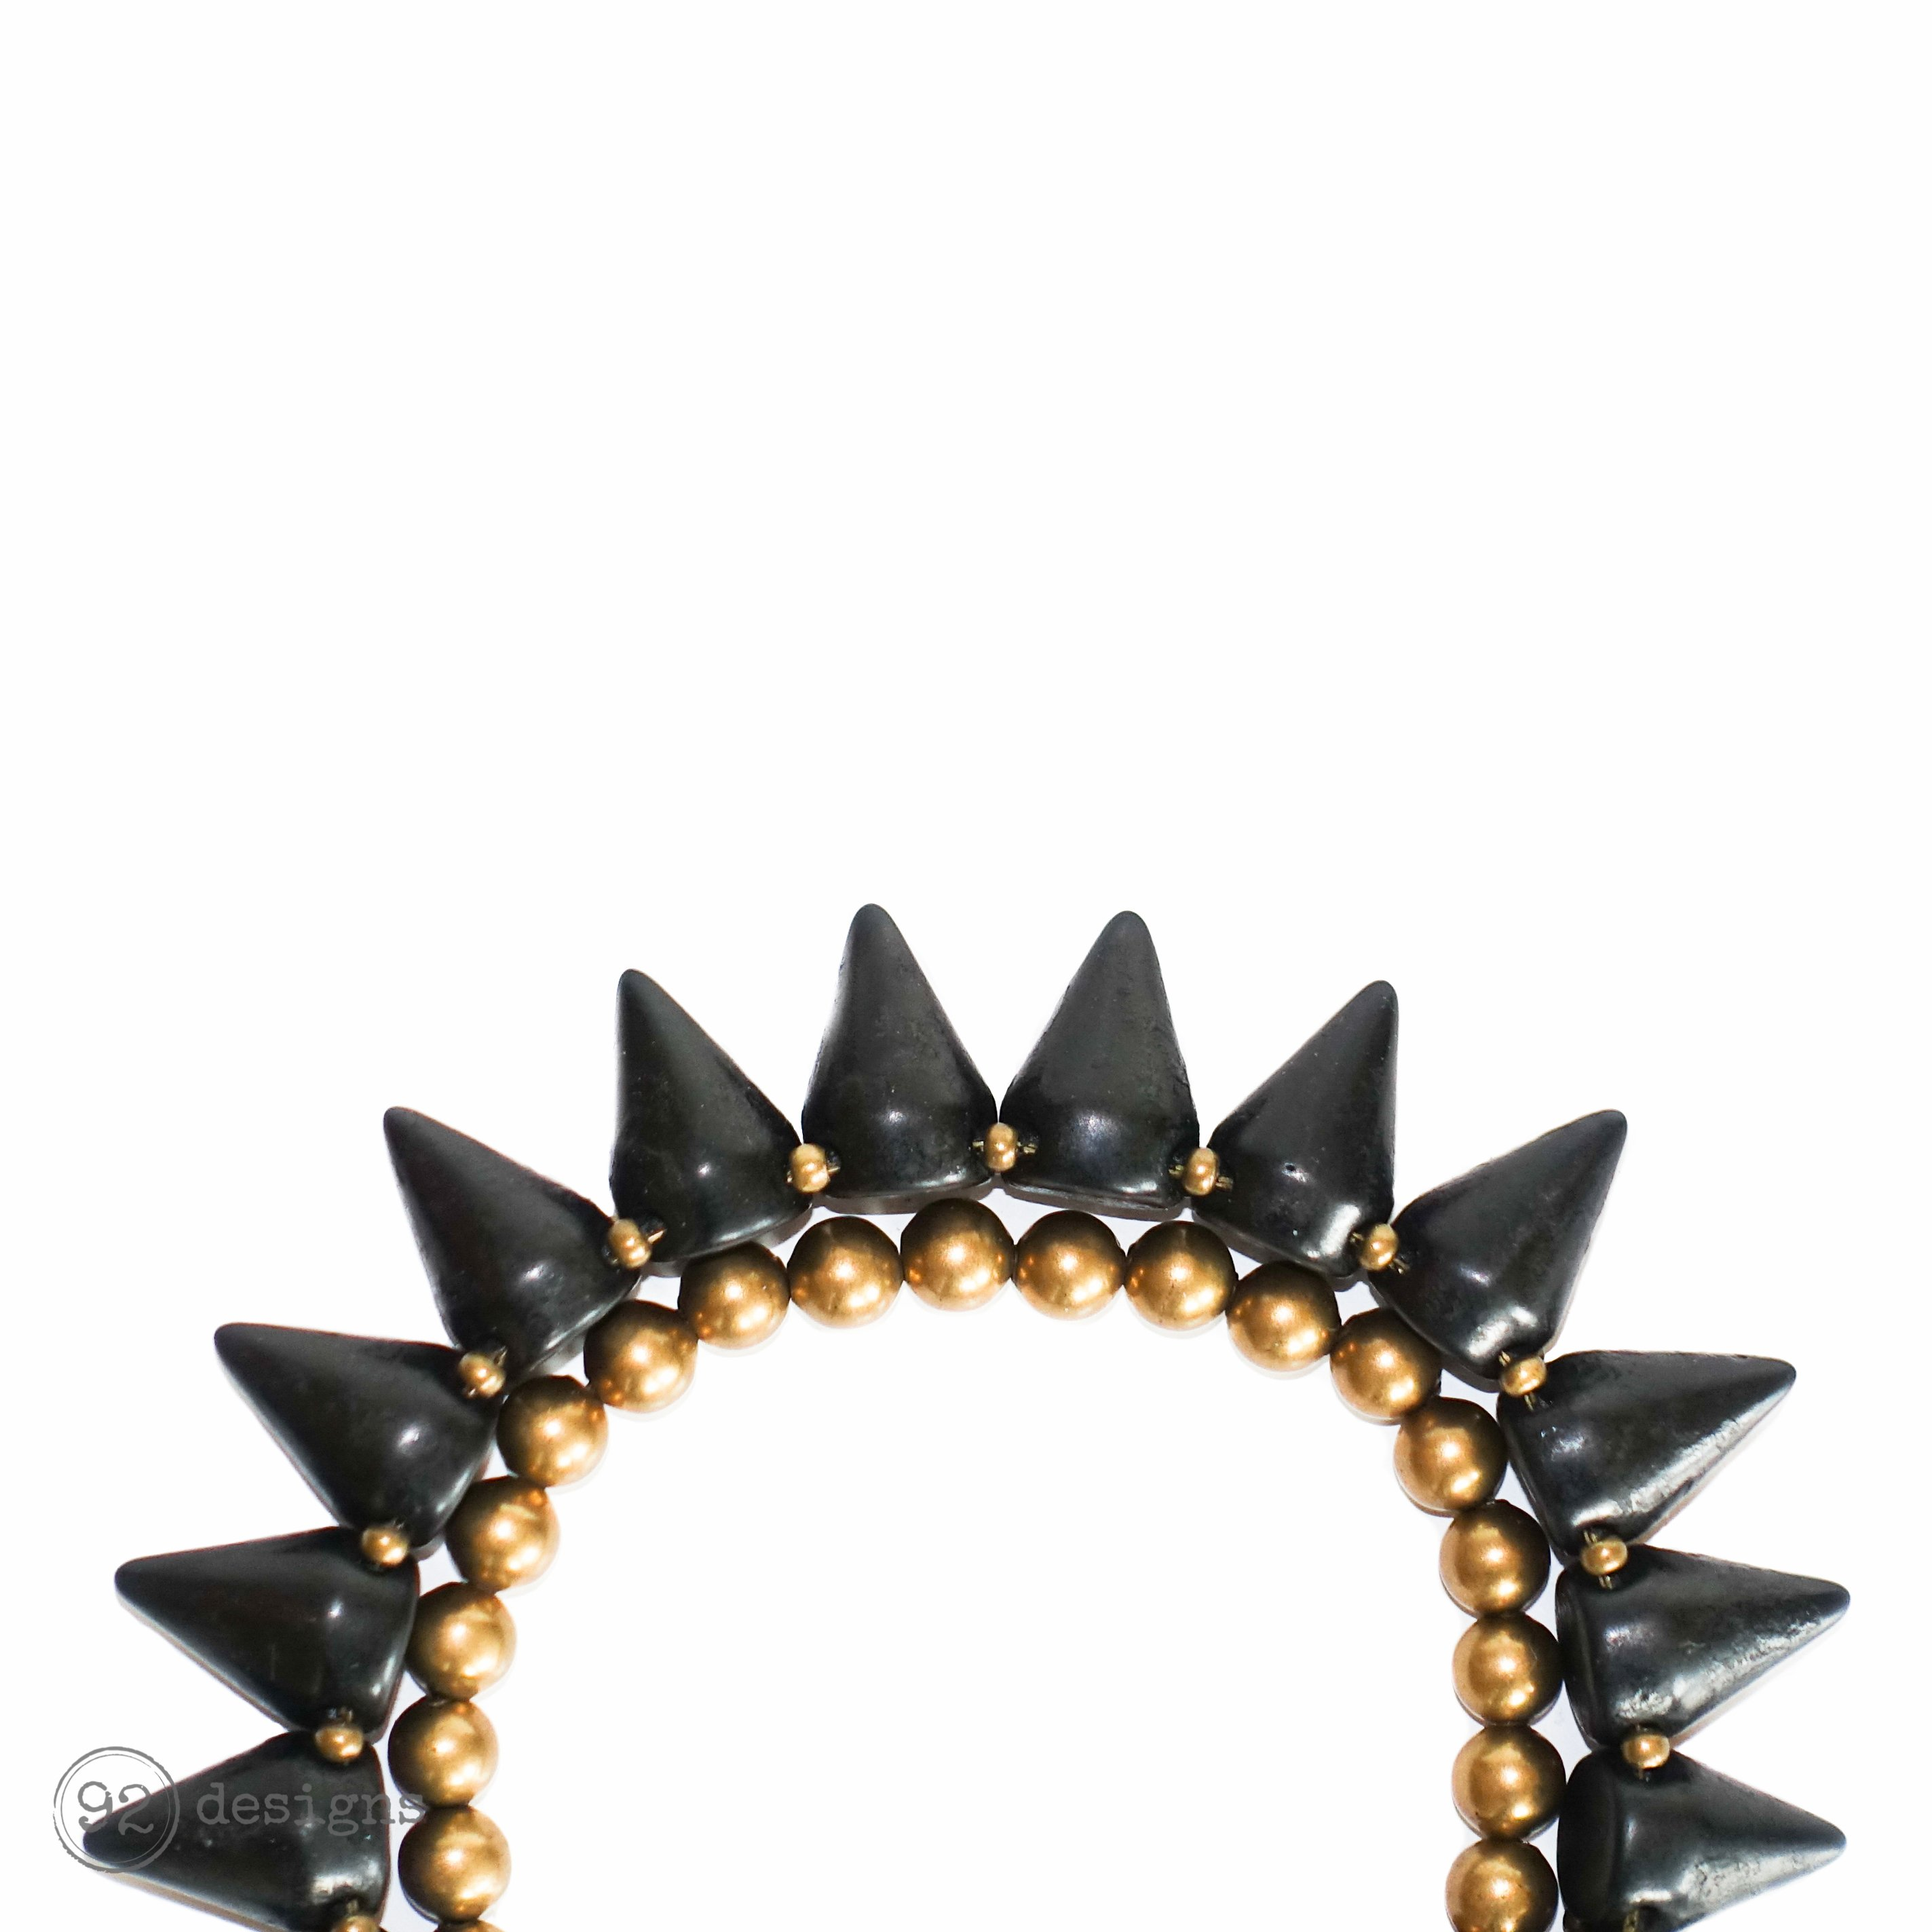 Semi-Precious Spikes Bracelet - with brass beads